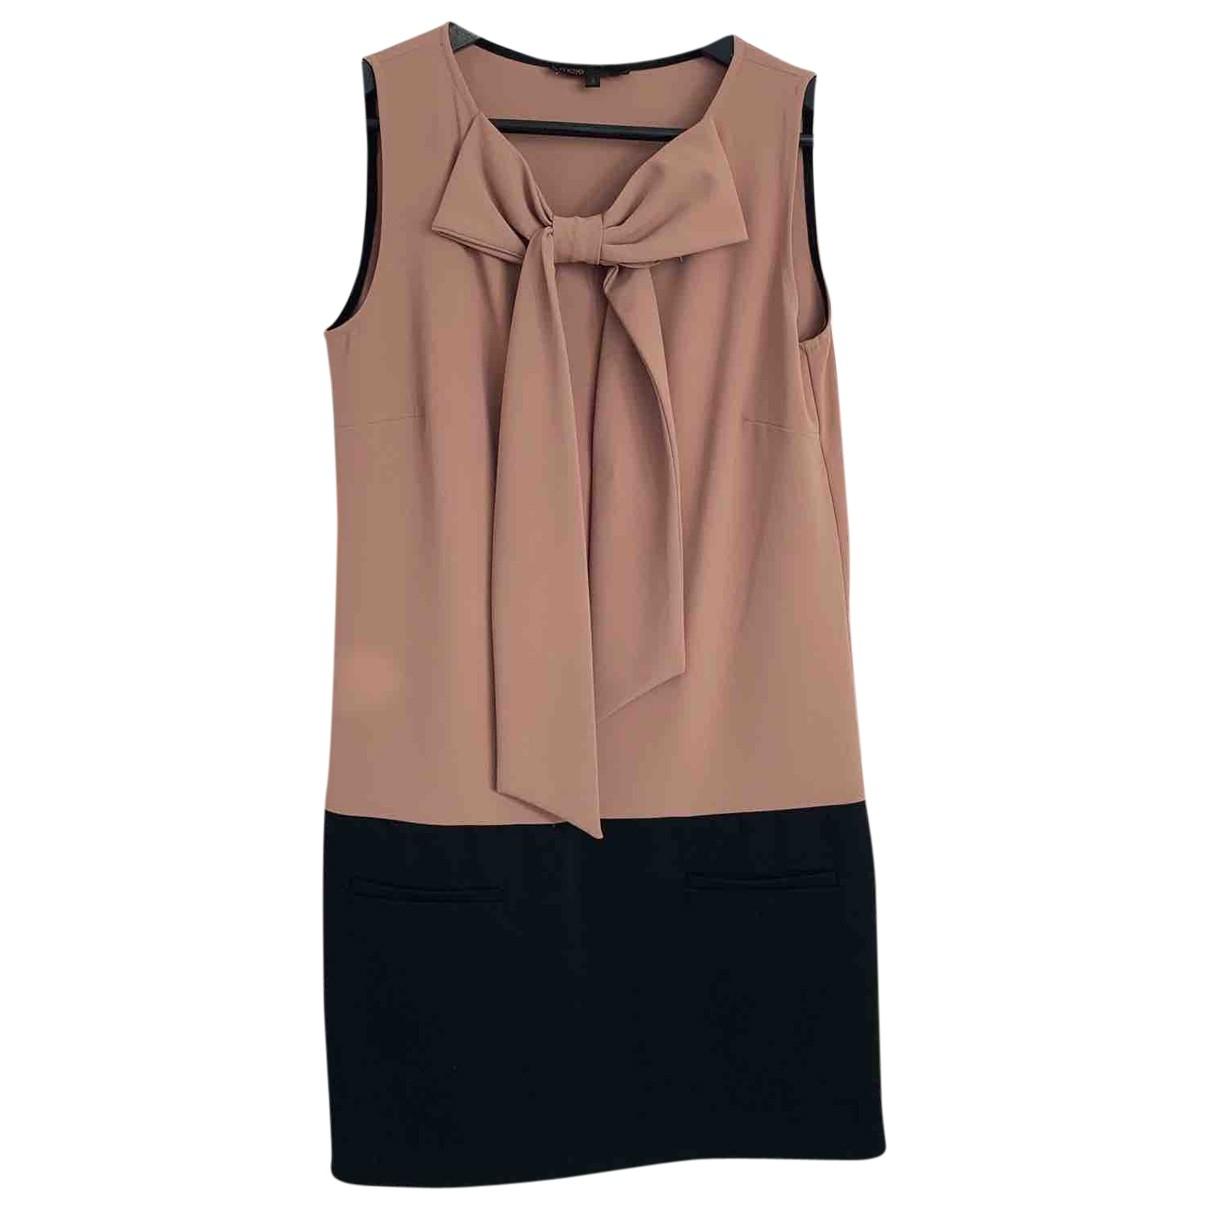 Maje \N Beige dress for Women 2 0-5